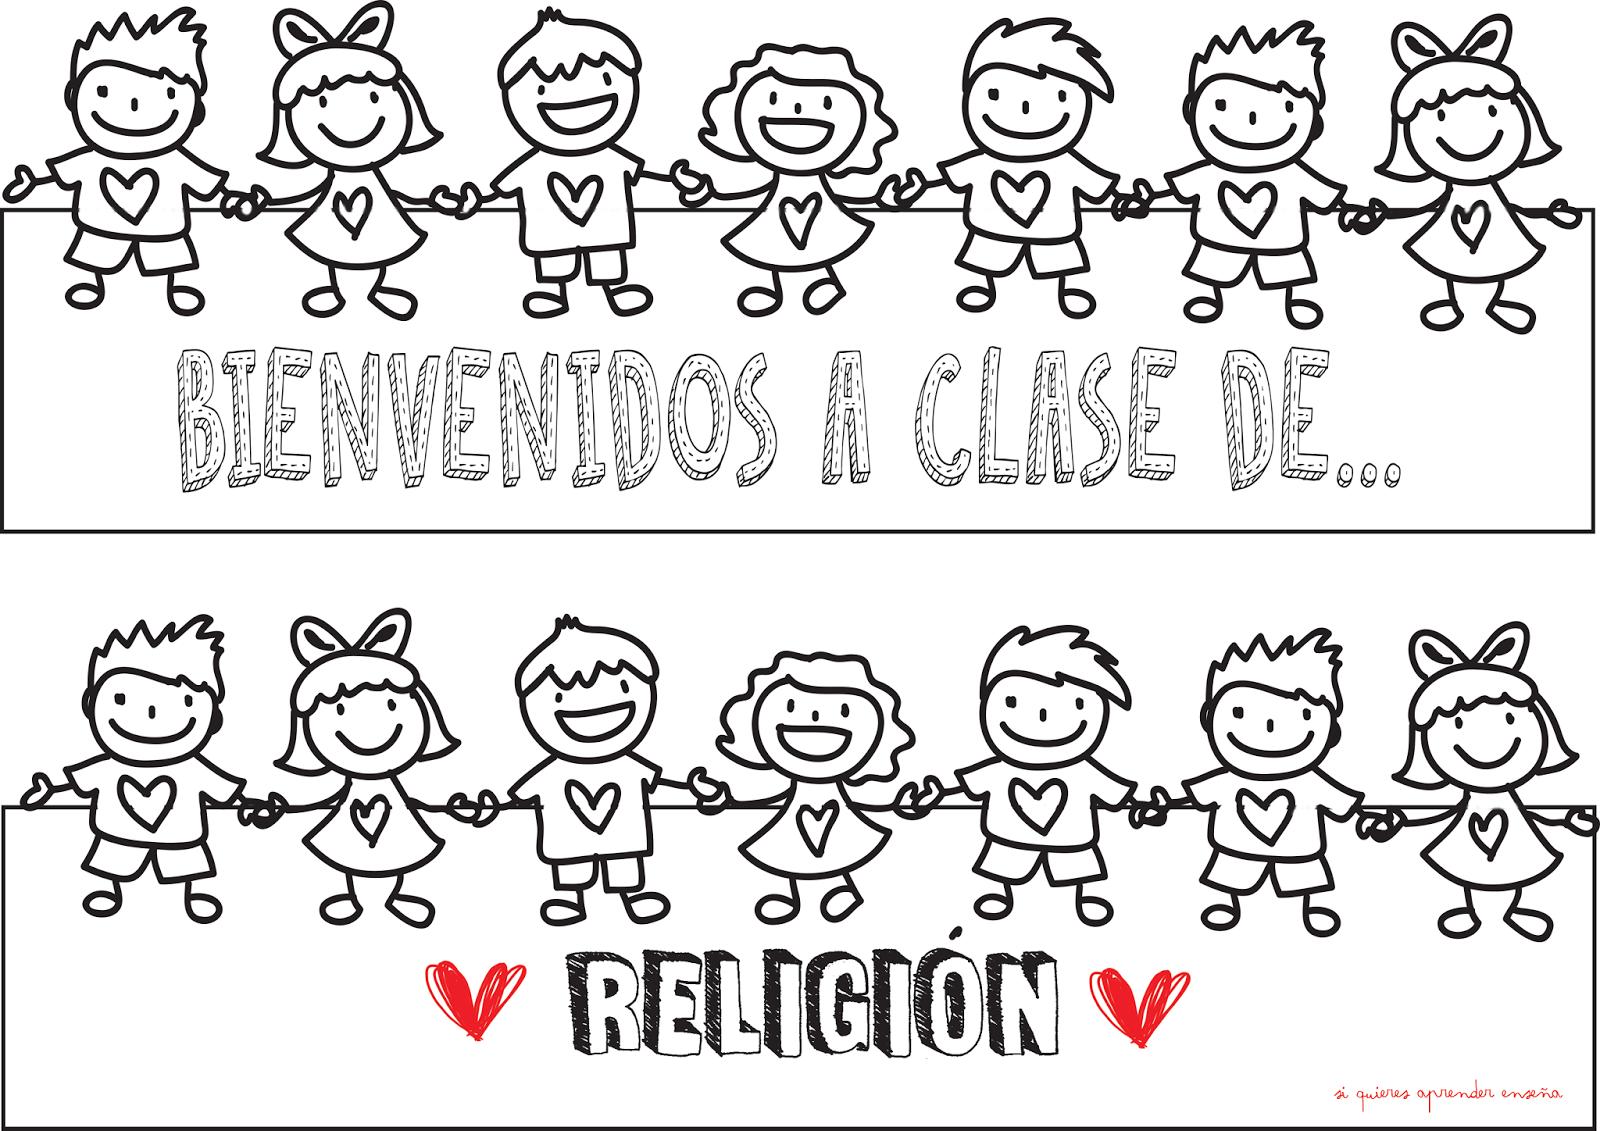 Dibujos Clase De Religion: Si Quieres Aprender, ENSEÑA